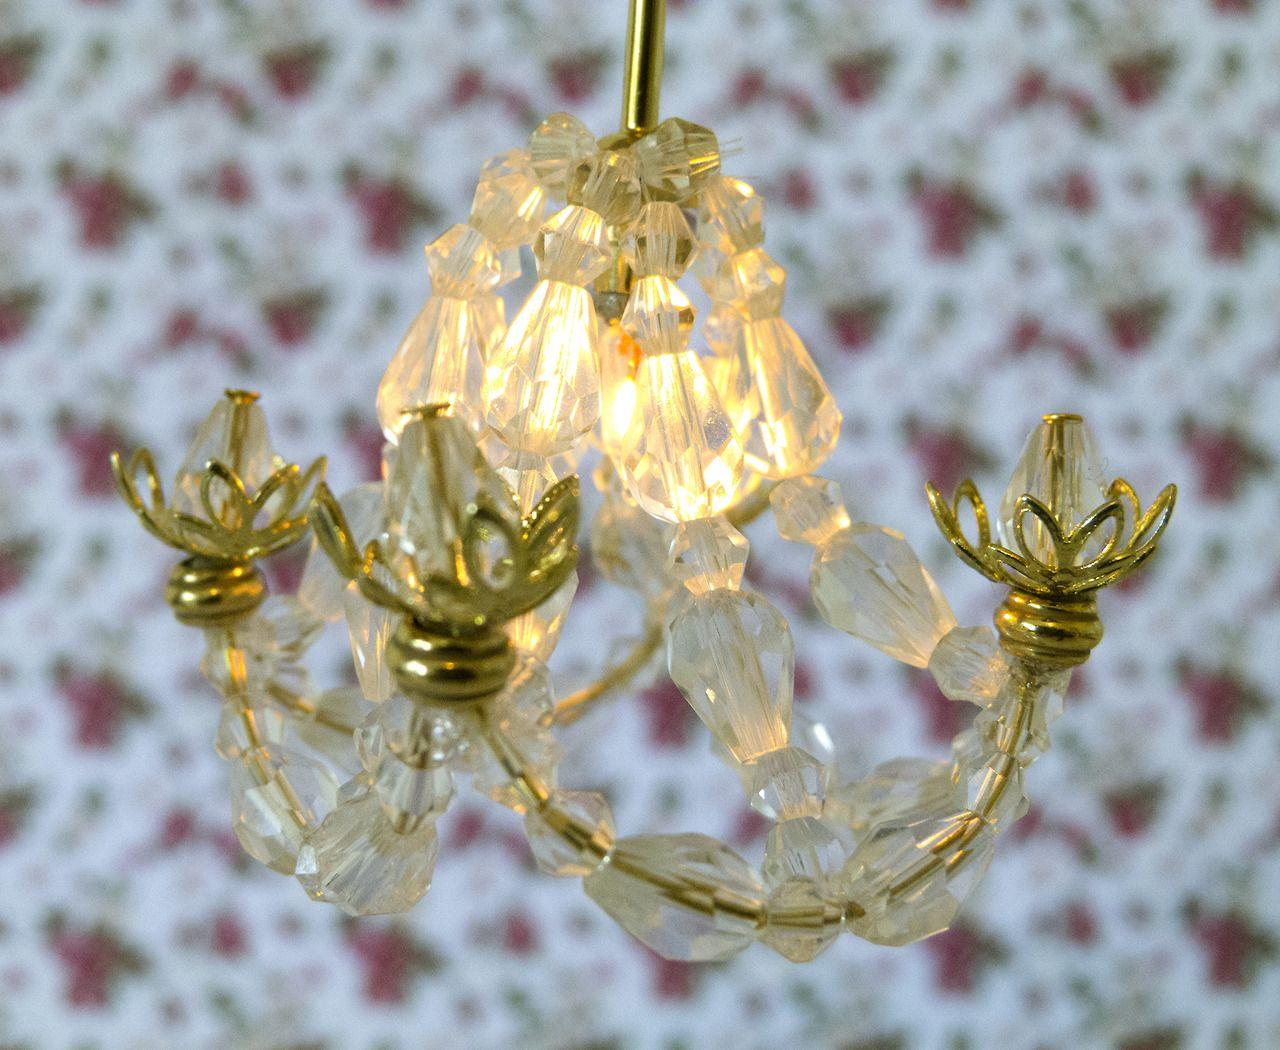 Miniature crystal ornaments - Petitepursuits Diy Miniature Crystal Chandelier